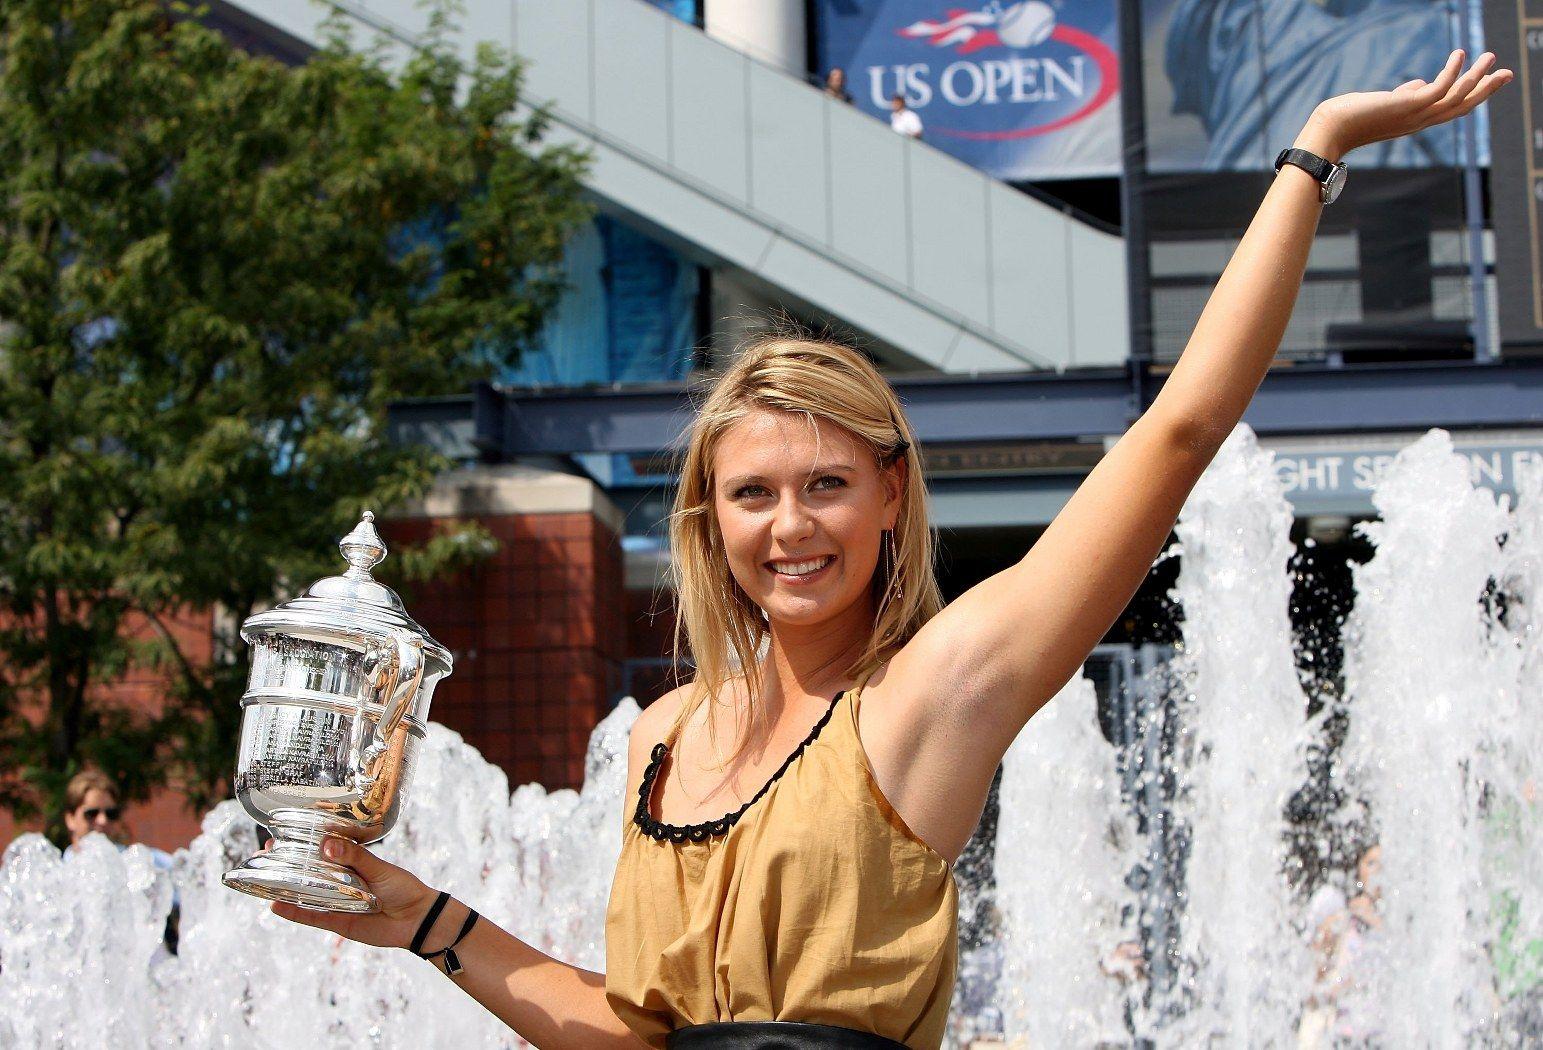 Година по-късно Мария Шарапова спечели единствения си трофей в САЩ и втория си от Големия шлем в кариерата.